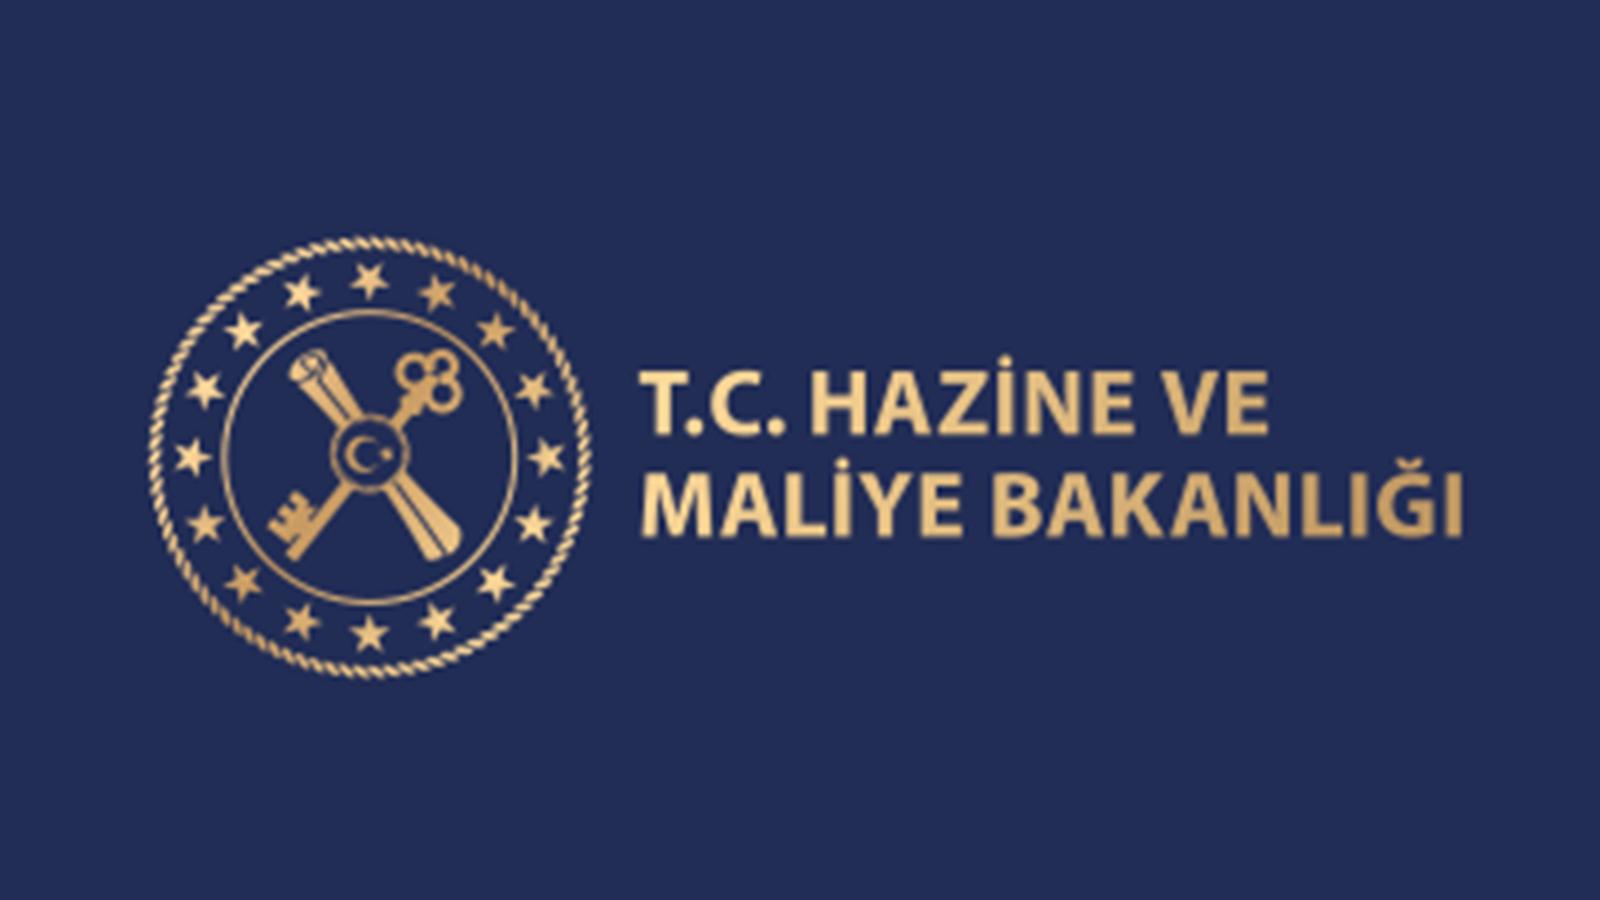 Hazine ve Maliye Bakanlığı Heyetin görüşmelerine tepki gösterdi